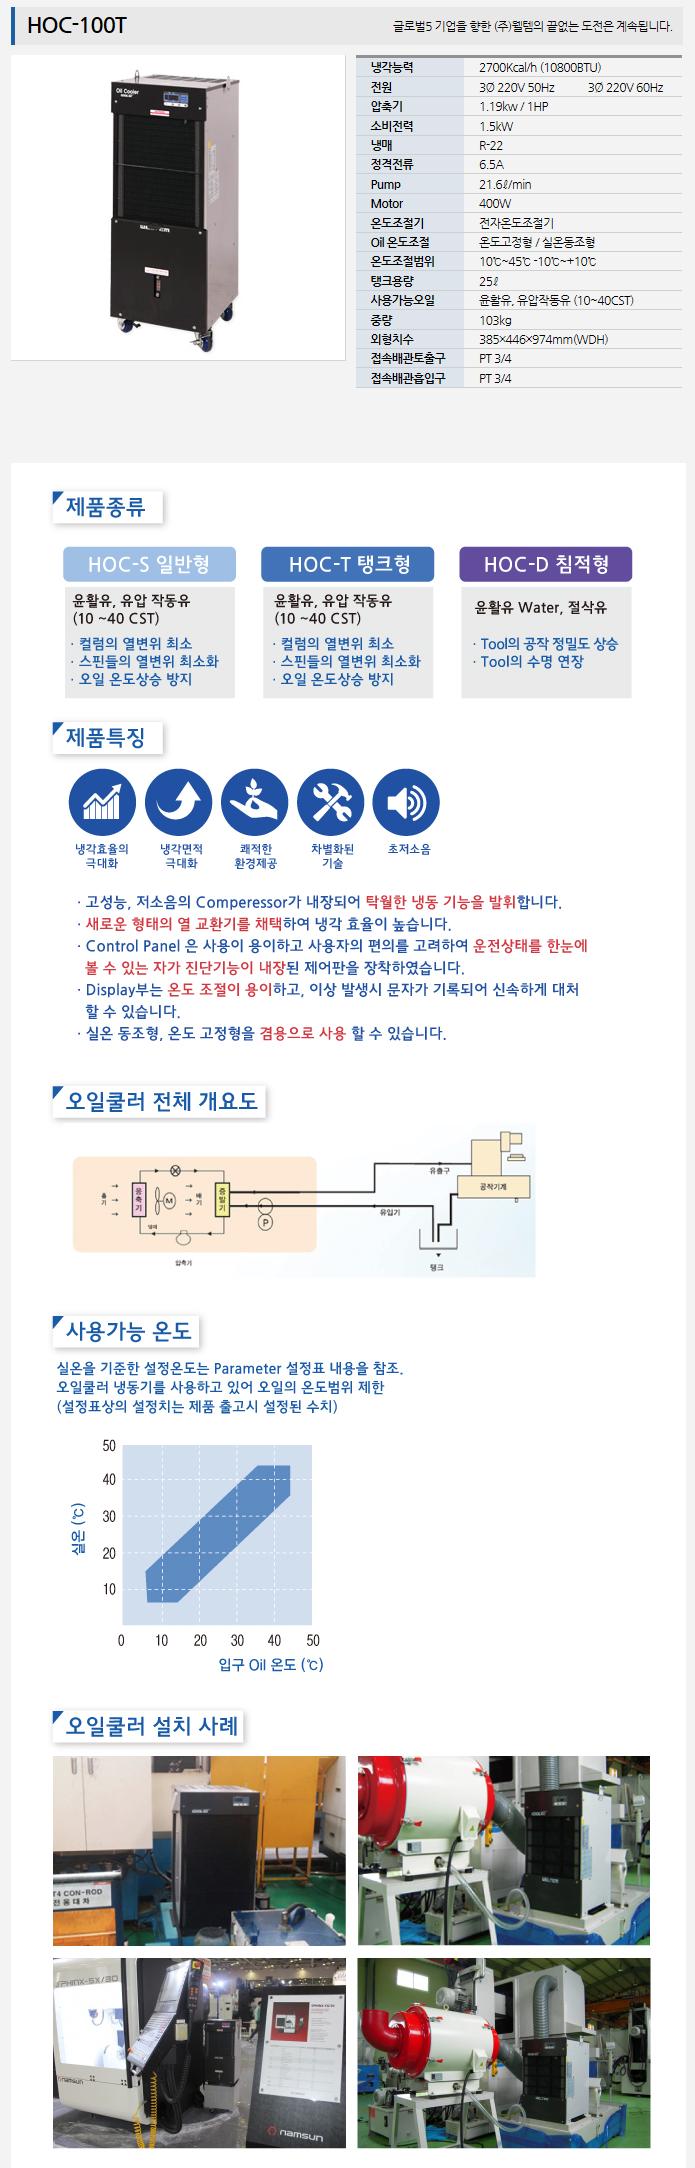 (주)웰템  HOC-100T